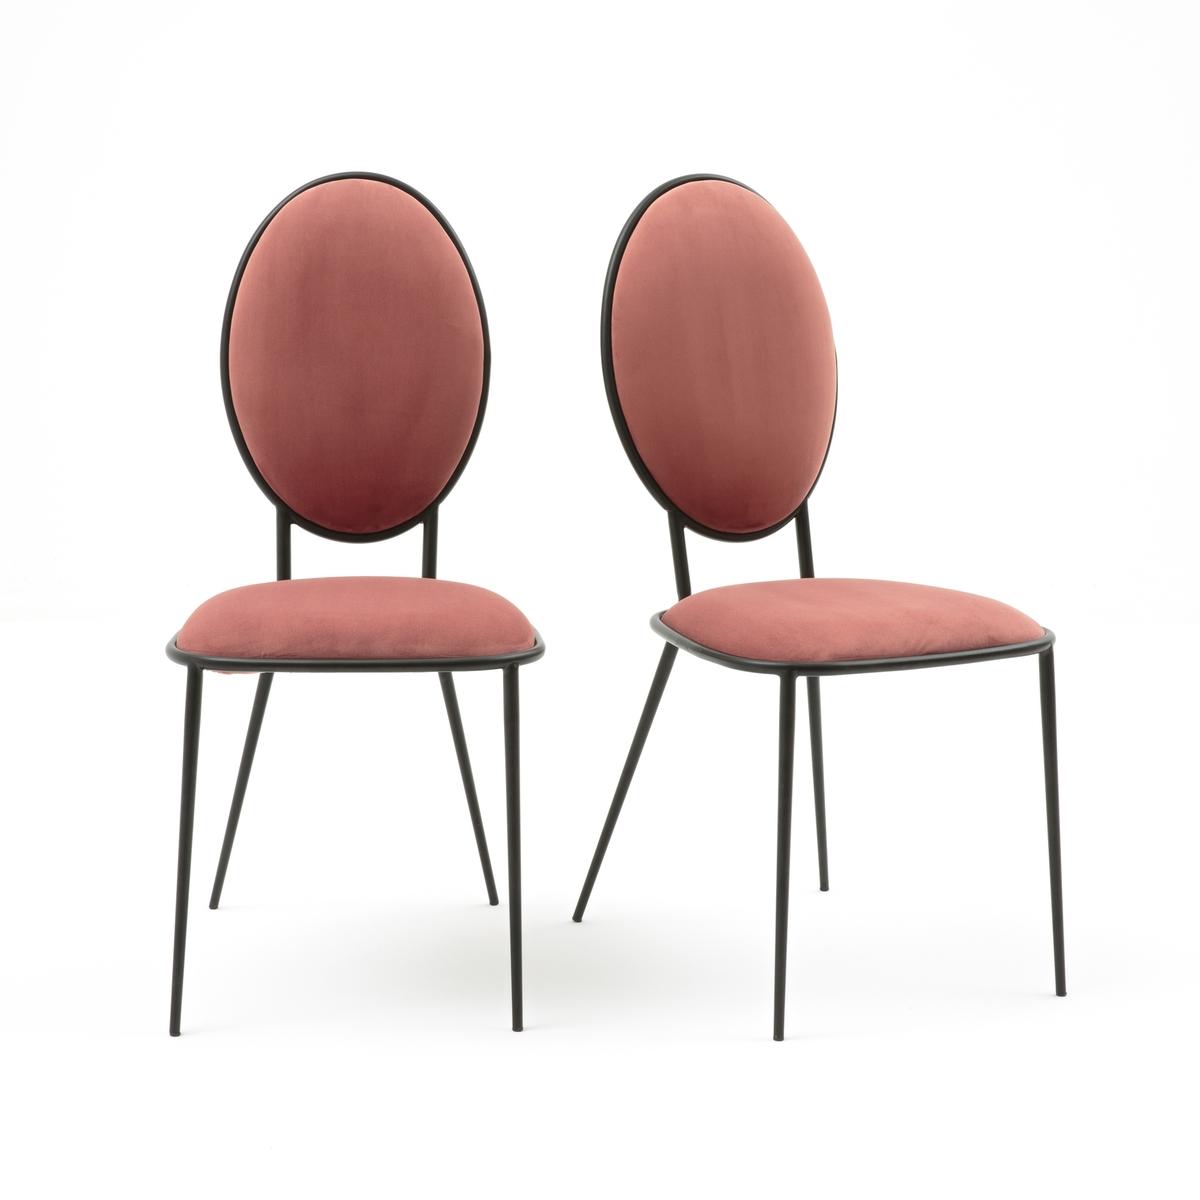 Комплект из 2 стульев из металла и велюра NOVANI